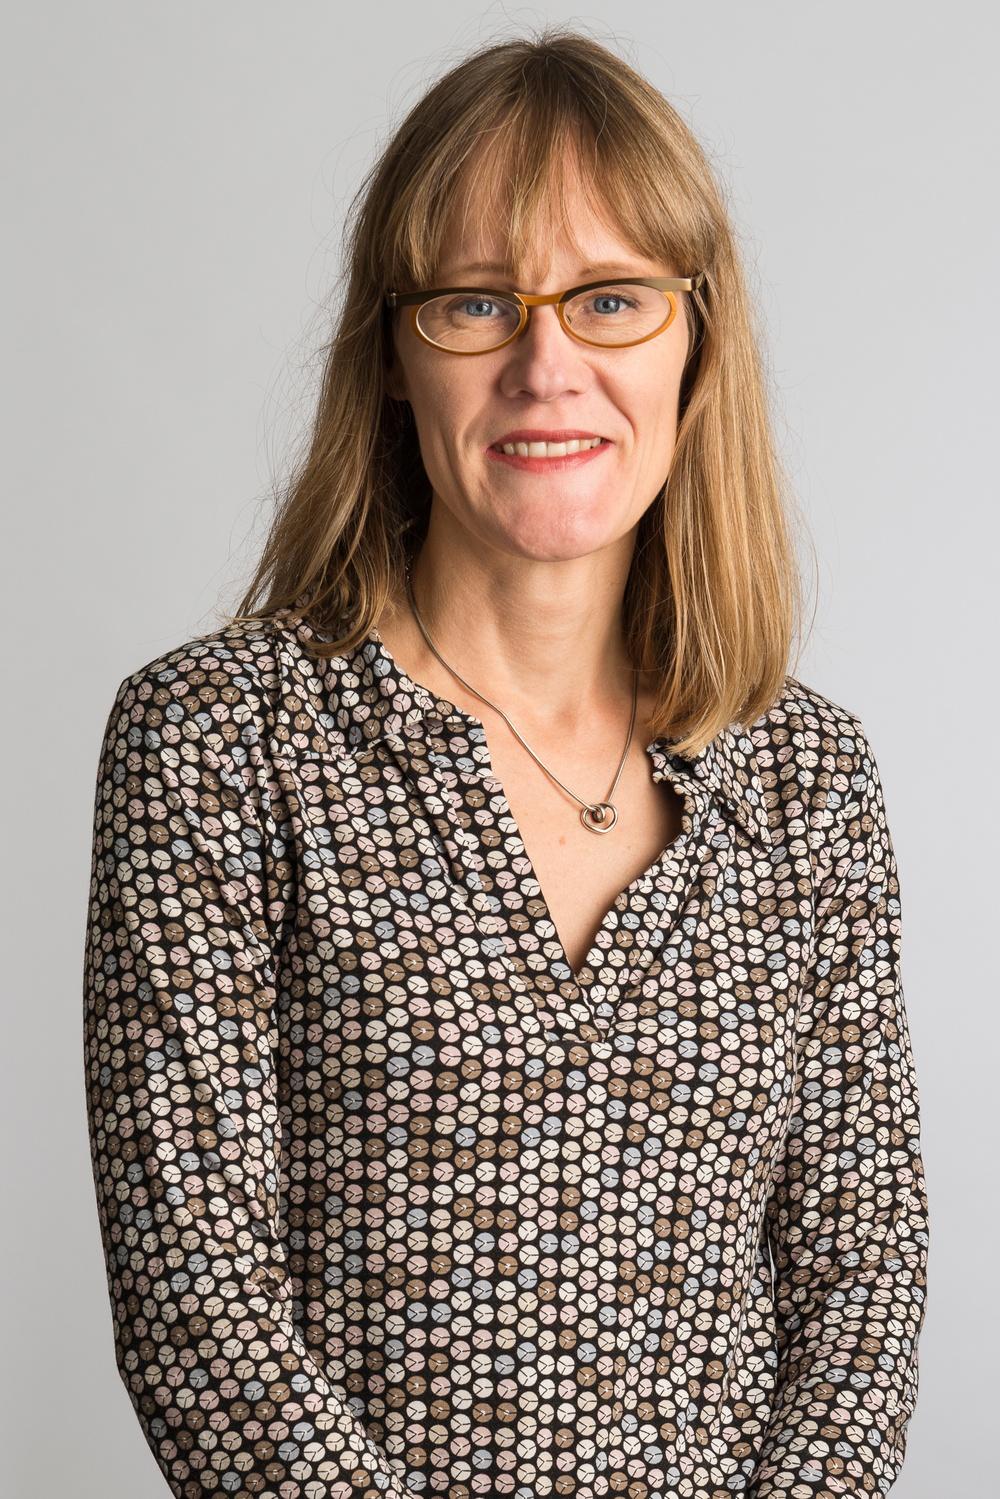 Katarina Schylberg är programansvarig och ingår i den operativa ledningen för det europeiska forsknings- och innovationsprogrammet JPI Urban Europe där hon har ansvar för kunskapsspridning och event.